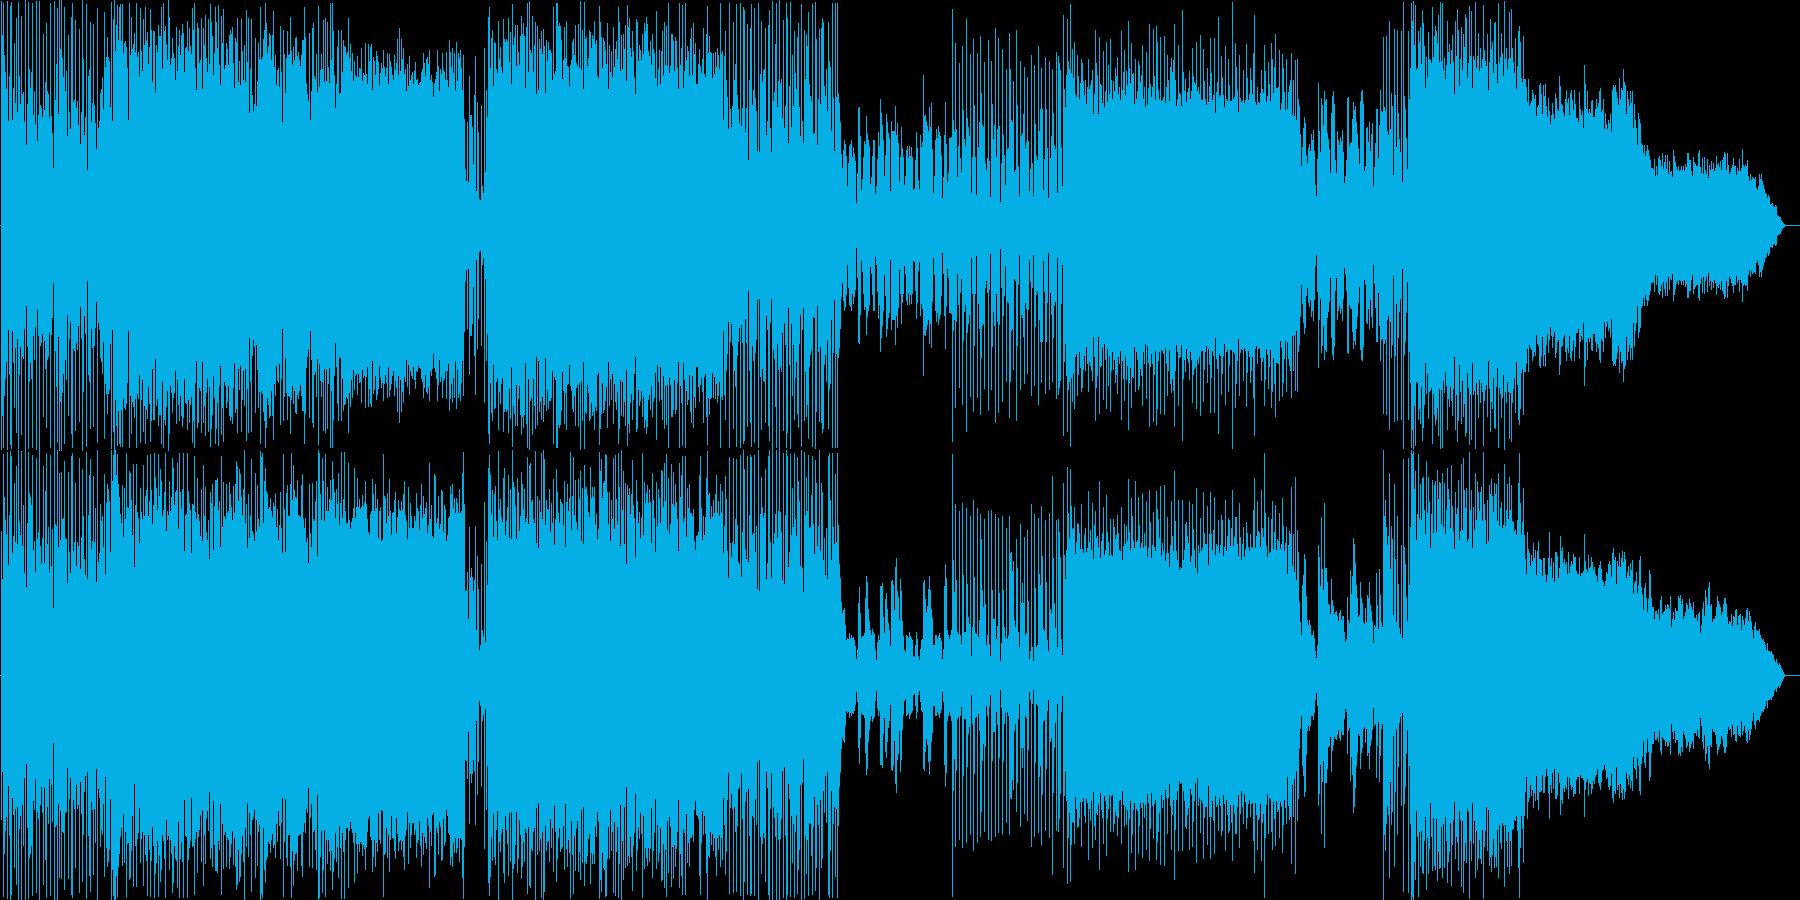 ドラマチックデジタルオーケストラギター2の再生済みの波形